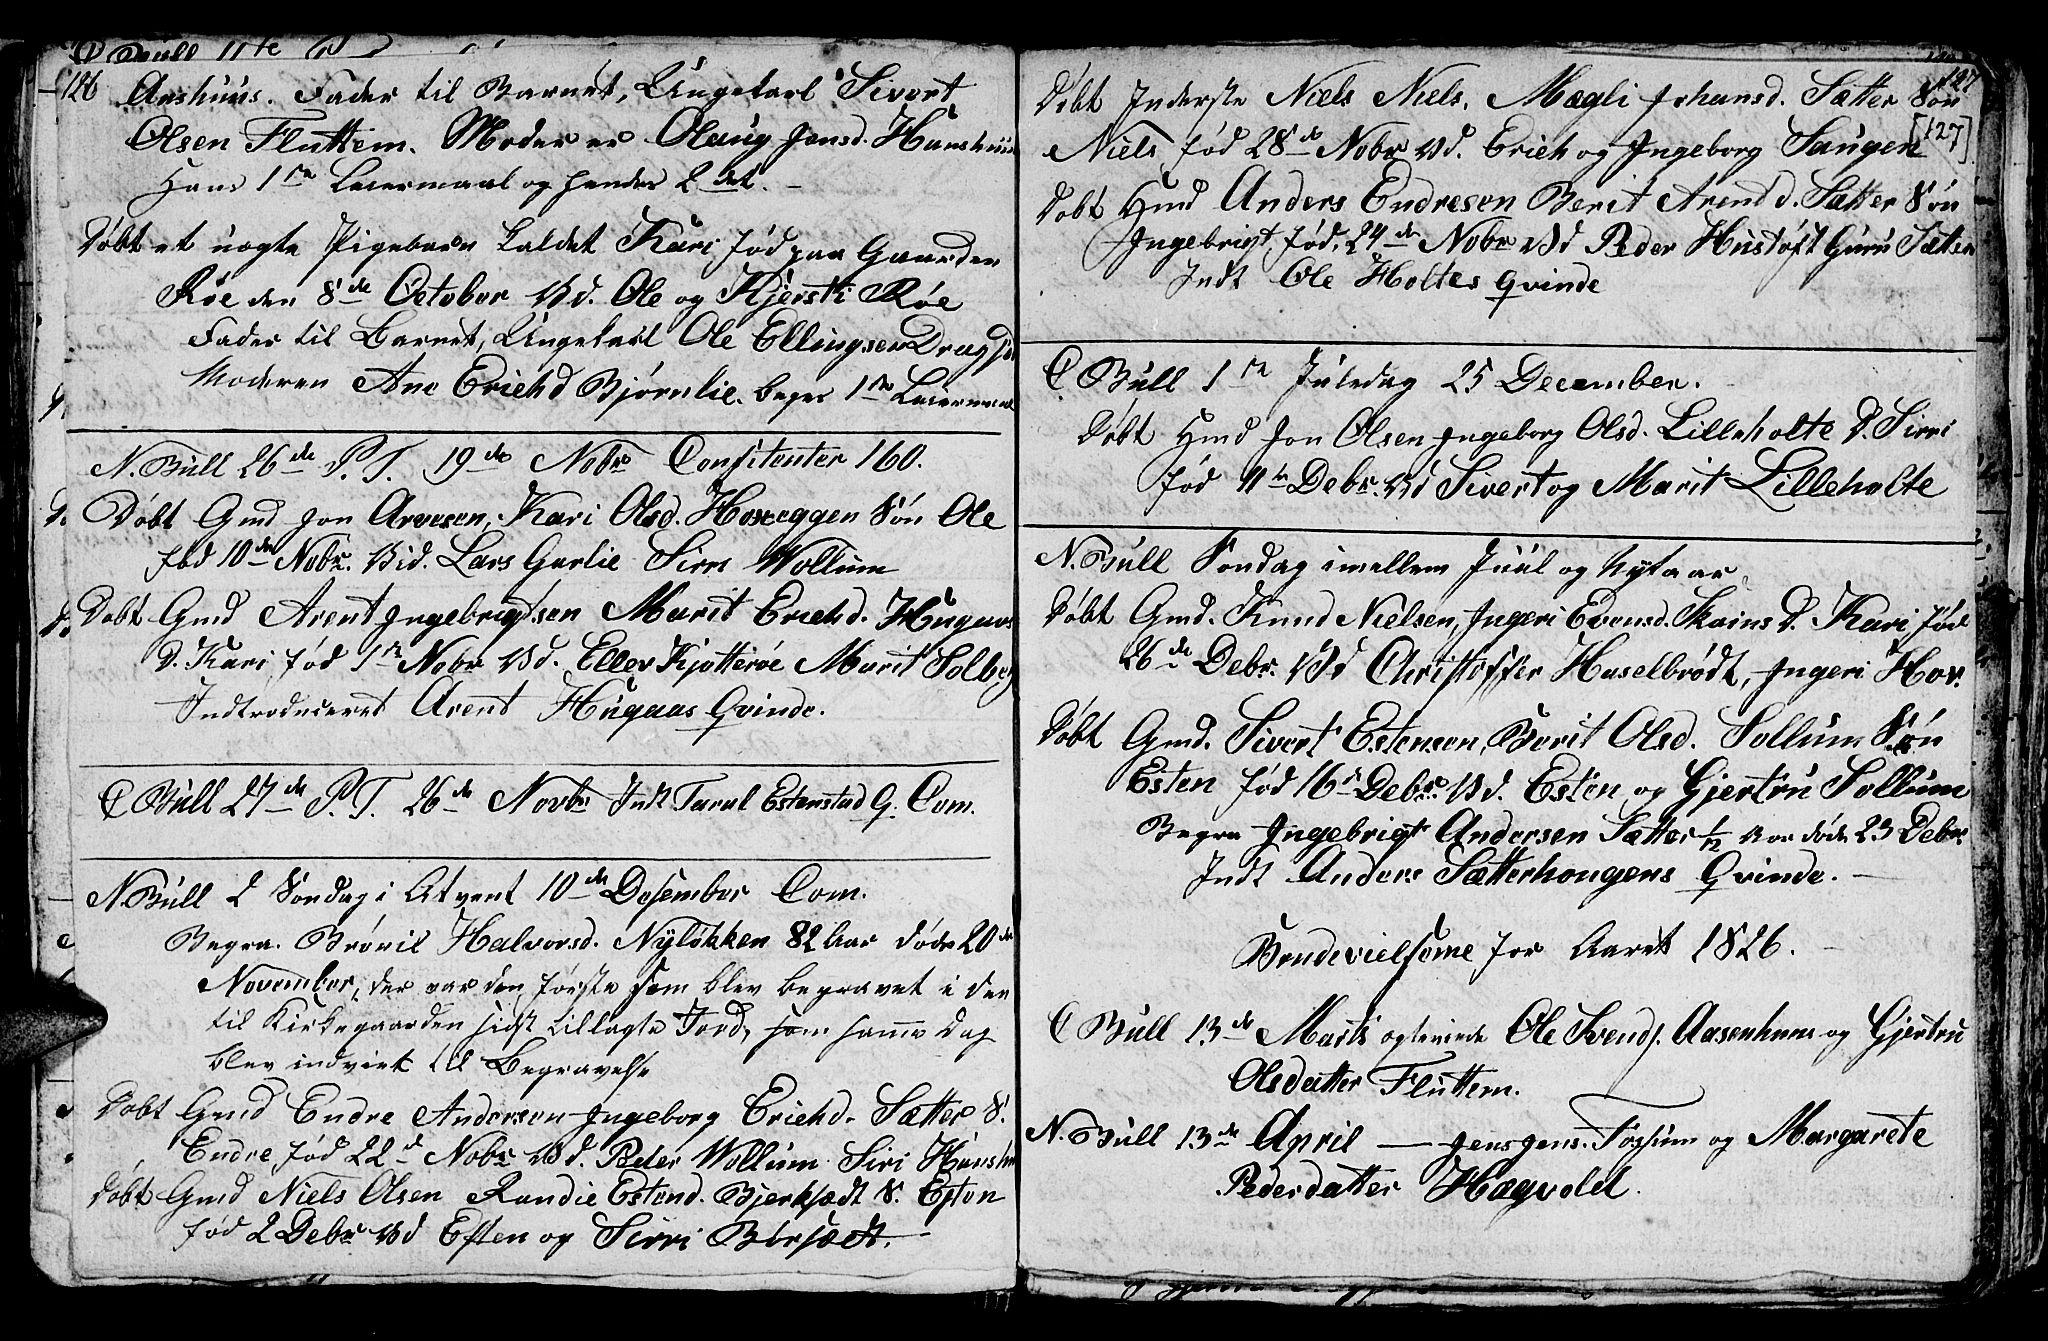 SAT, Ministerialprotokoller, klokkerbøker og fødselsregistre - Sør-Trøndelag, 689/L1042: Klokkerbok nr. 689C01, 1812-1841, s. 126-127